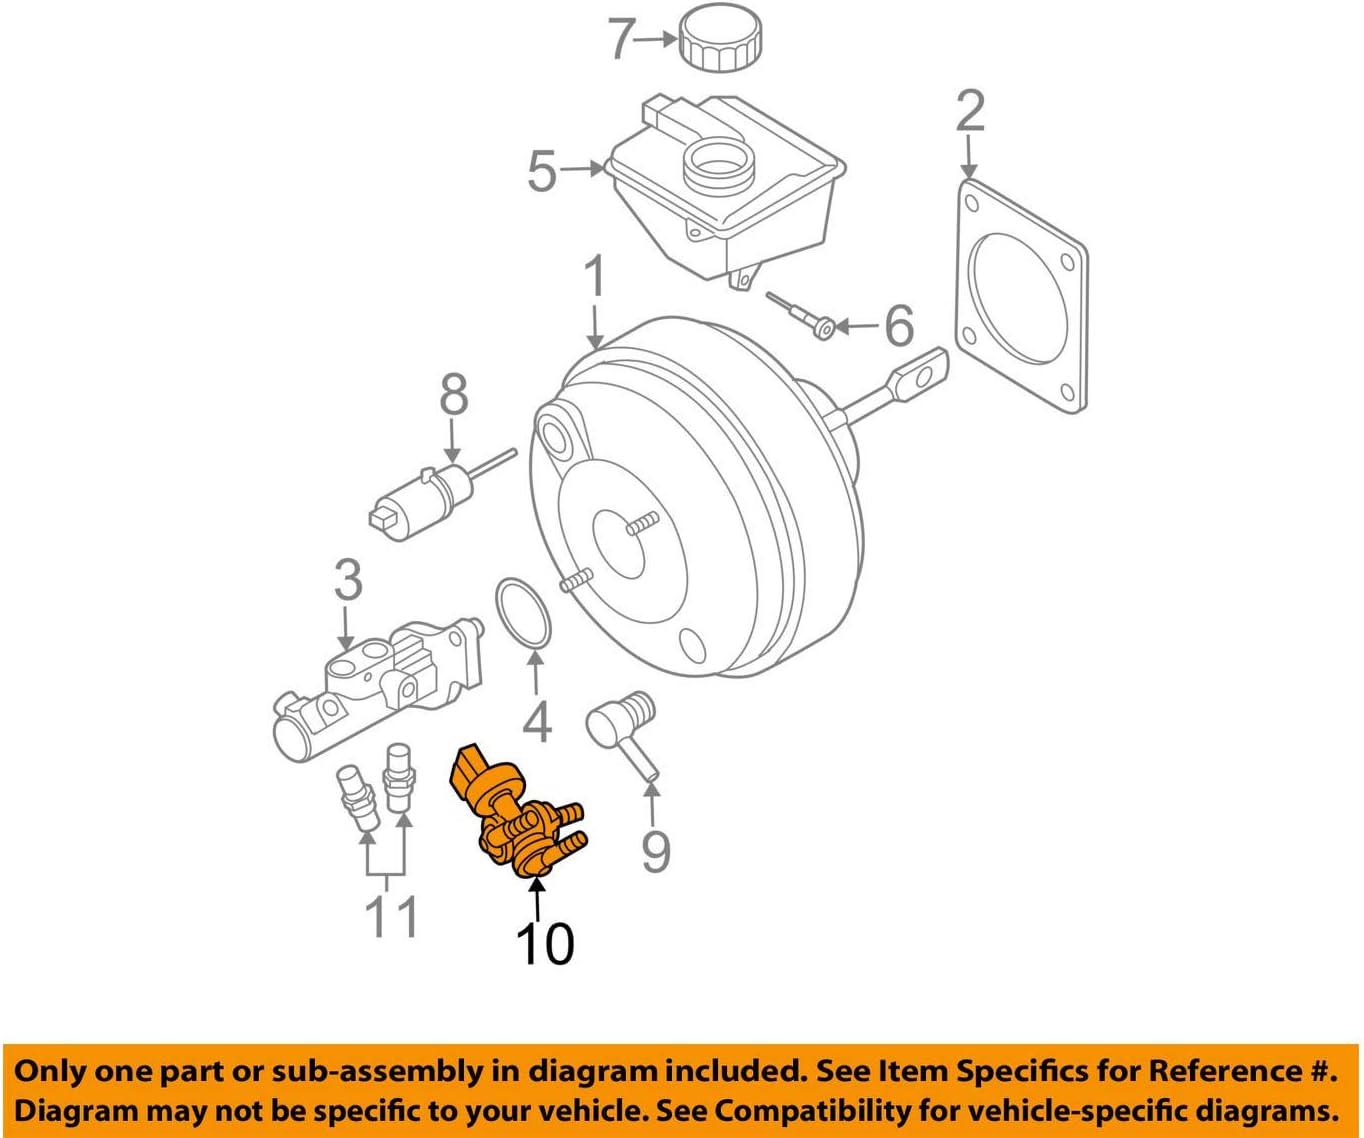 Volvo Vacuum Diagram on mercedes-benz vacuum diagrams, nissan vacuum diagrams, chrysler vacuum diagrams, dodge vacuum diagrams, buick vacuum diagrams, cadillac vacuum diagrams, jeep vacuum diagrams, chevy vacuum diagrams, ac vacuum diagrams, gm vacuum diagrams, ford vacuum diagrams,